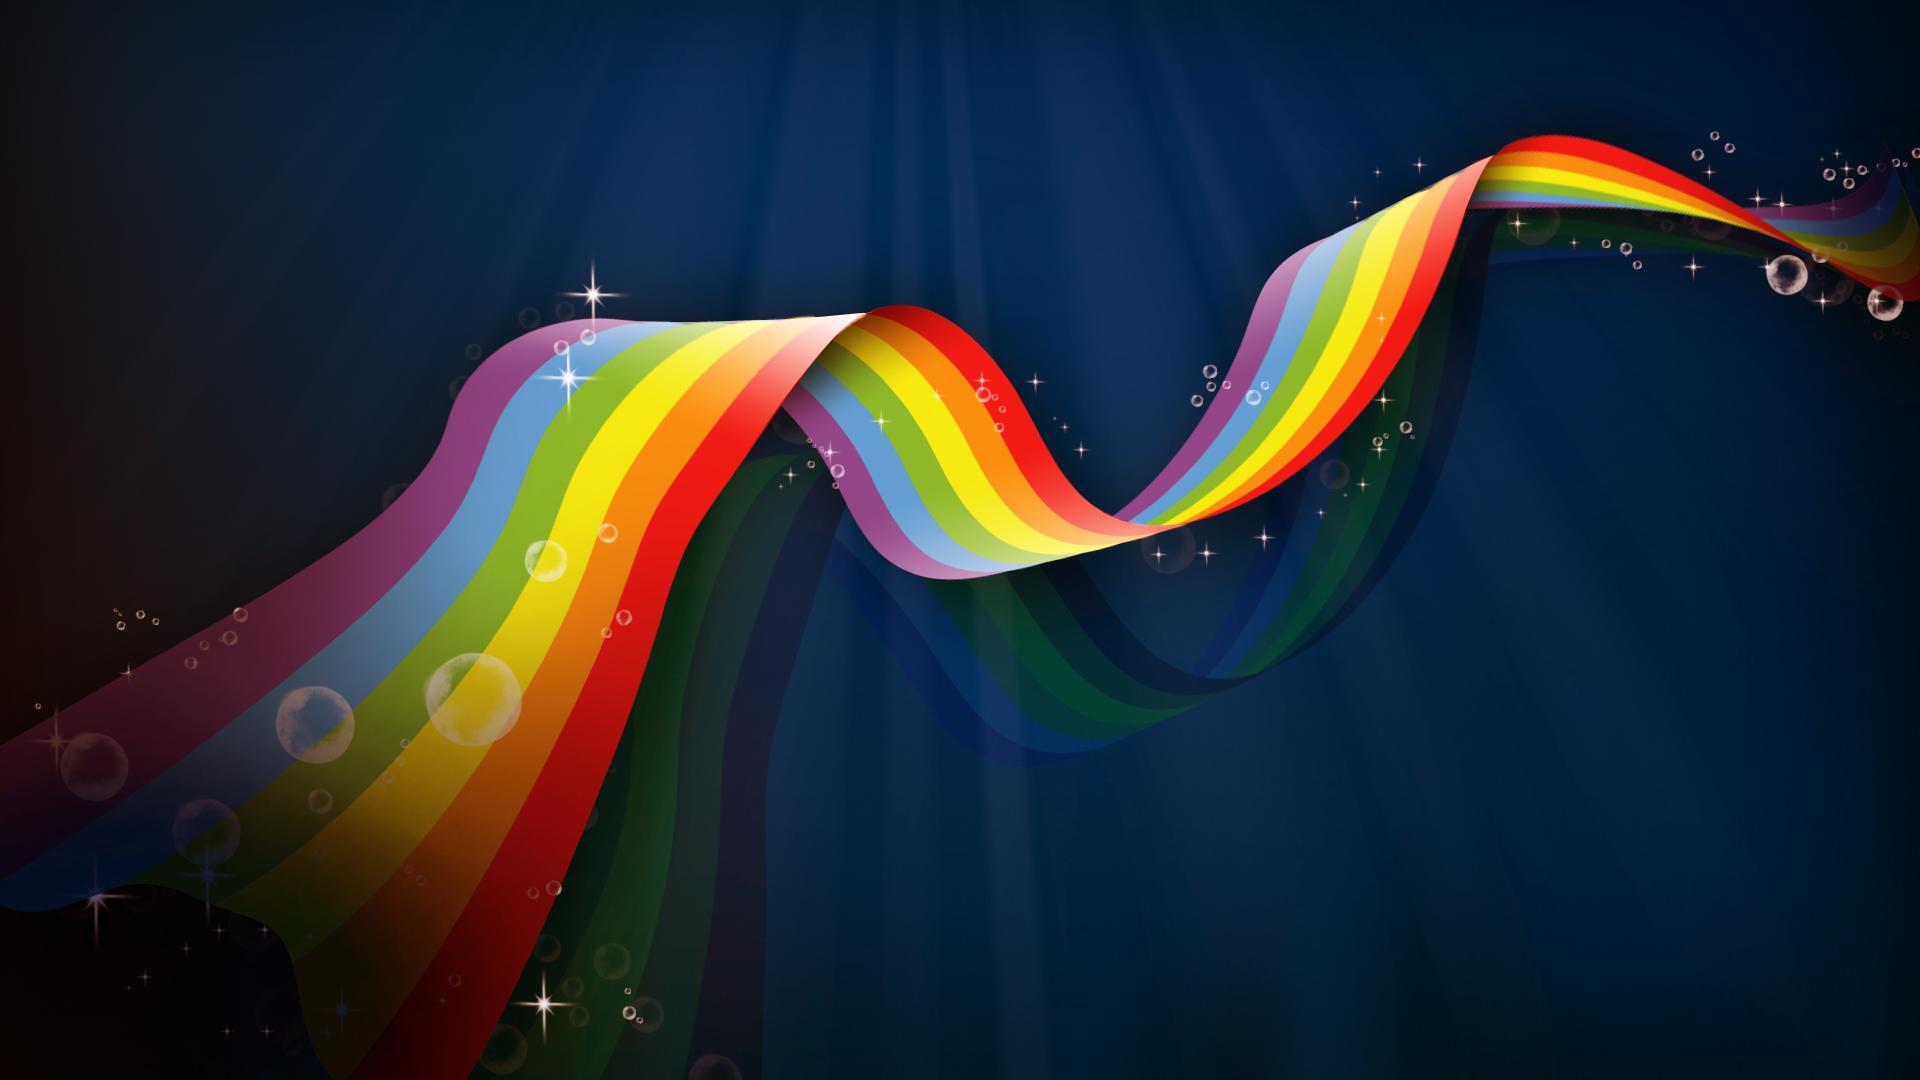 радужая полоска, радуга на темном фон, обои для рабочего стола